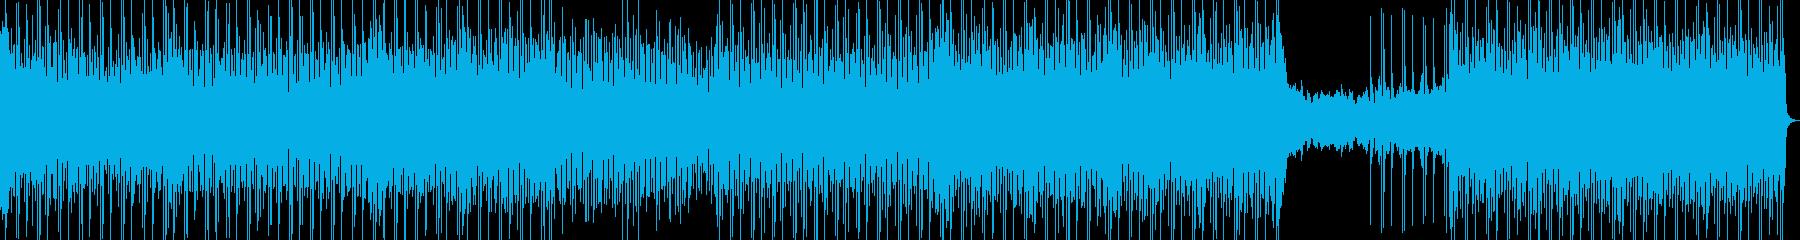 アップテンポなダンスハウスミュージックの再生済みの波形